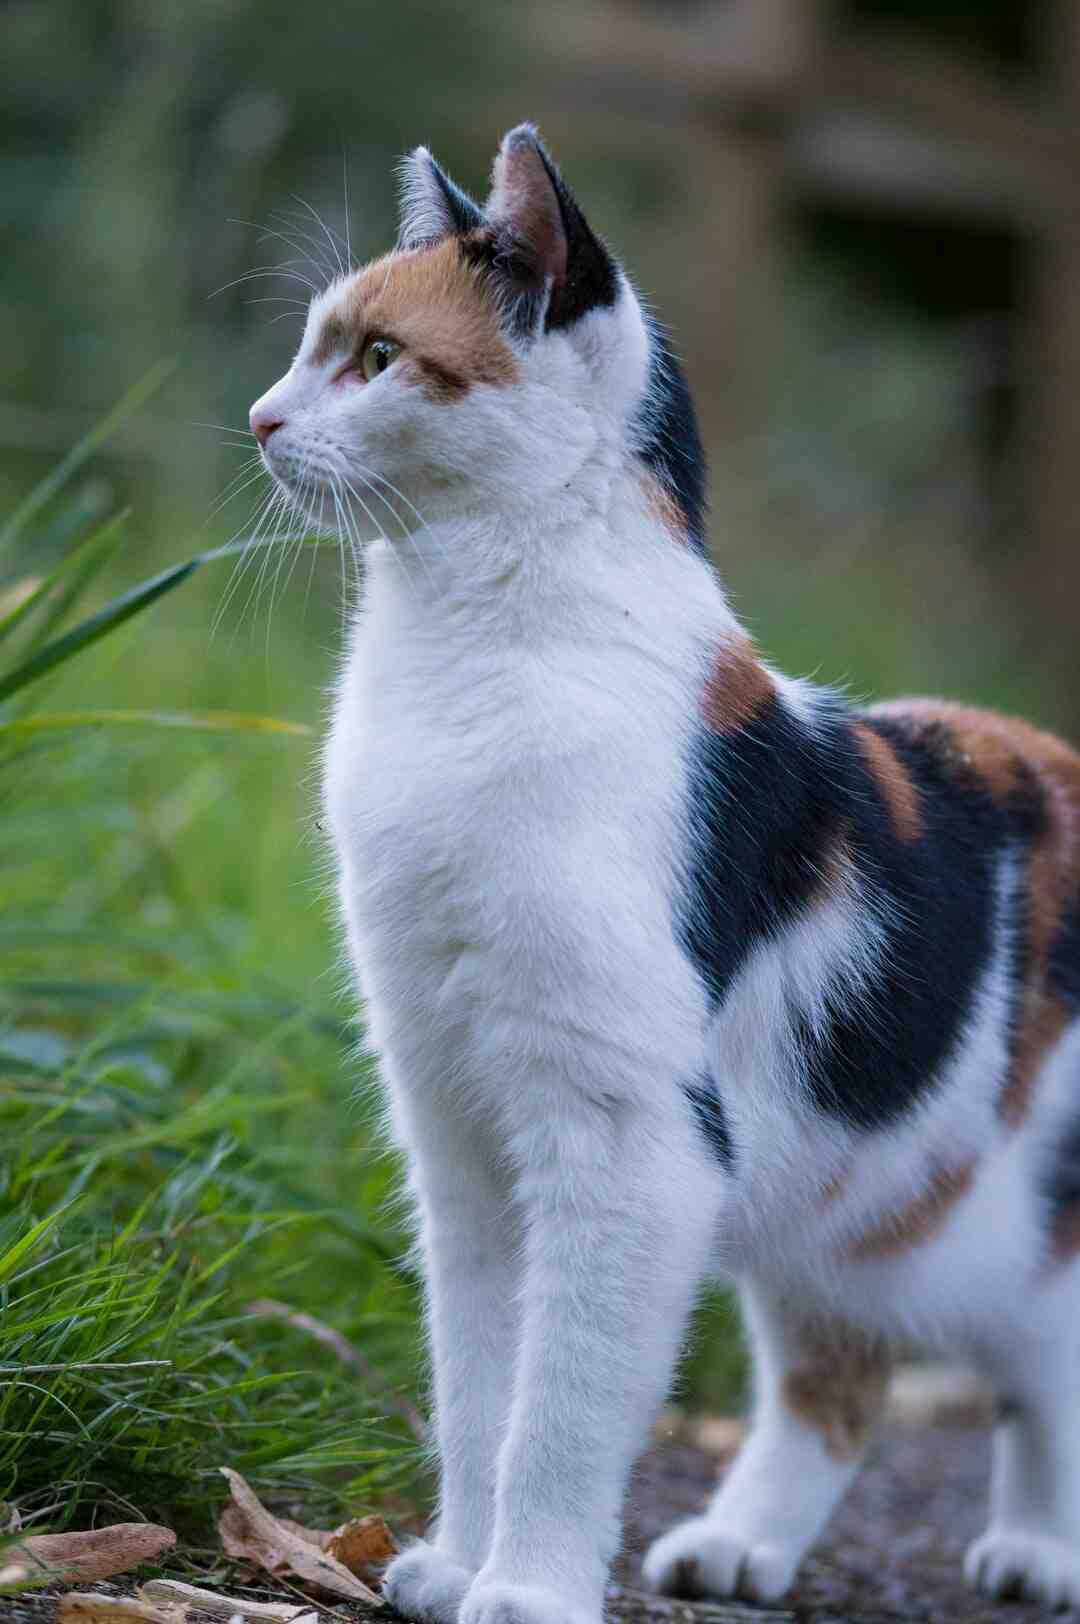 Quantos filhotes nascem de uma gata persa?